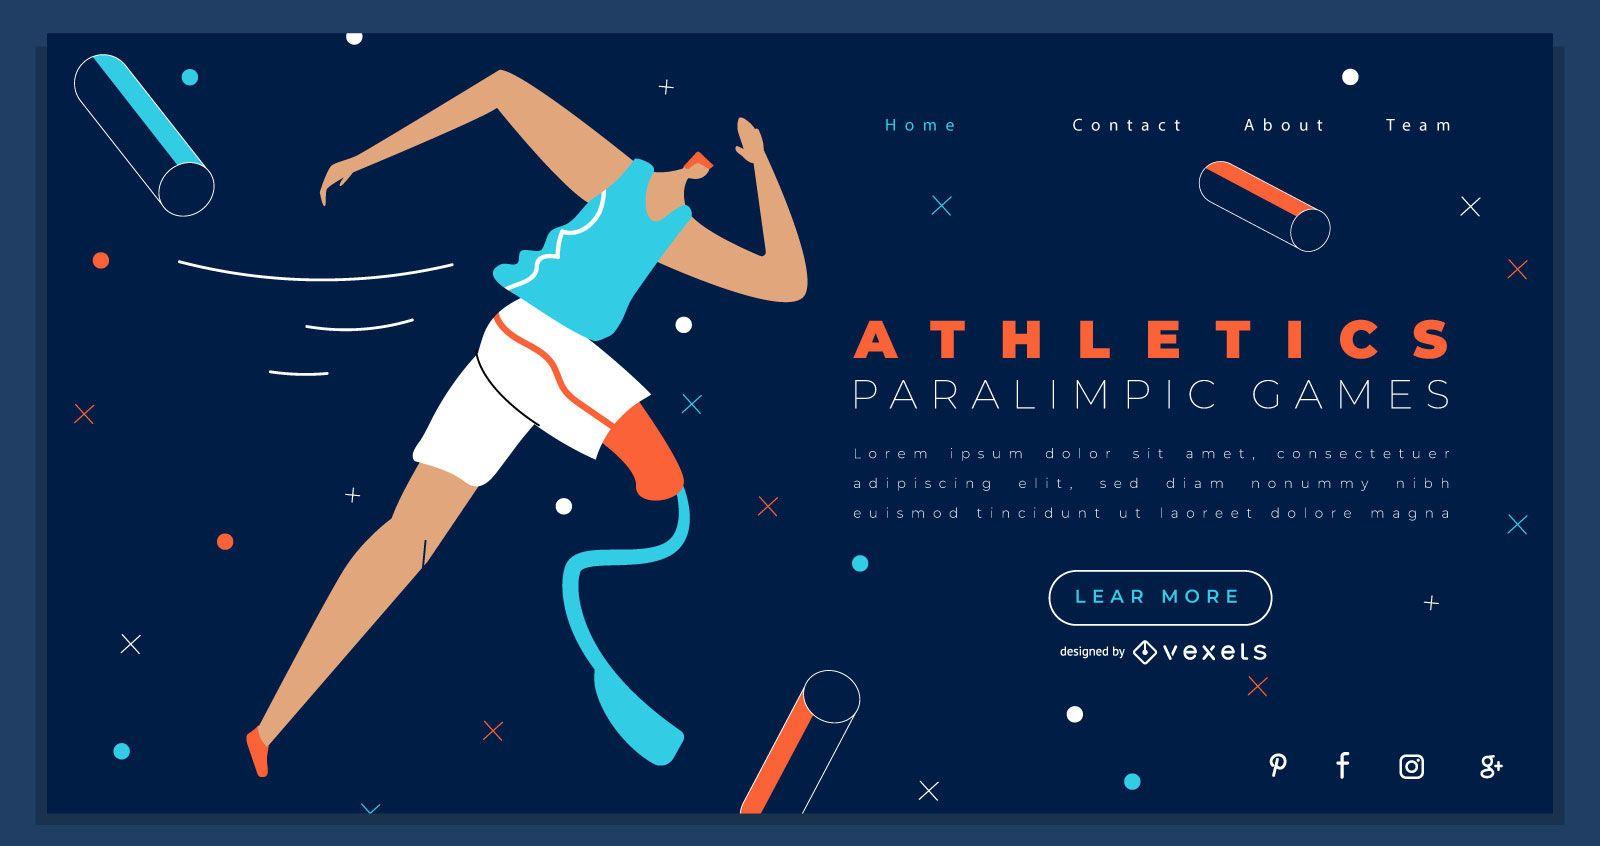 Diseño de la página de inicio de los Juegos Paralímpicos de Atletismo